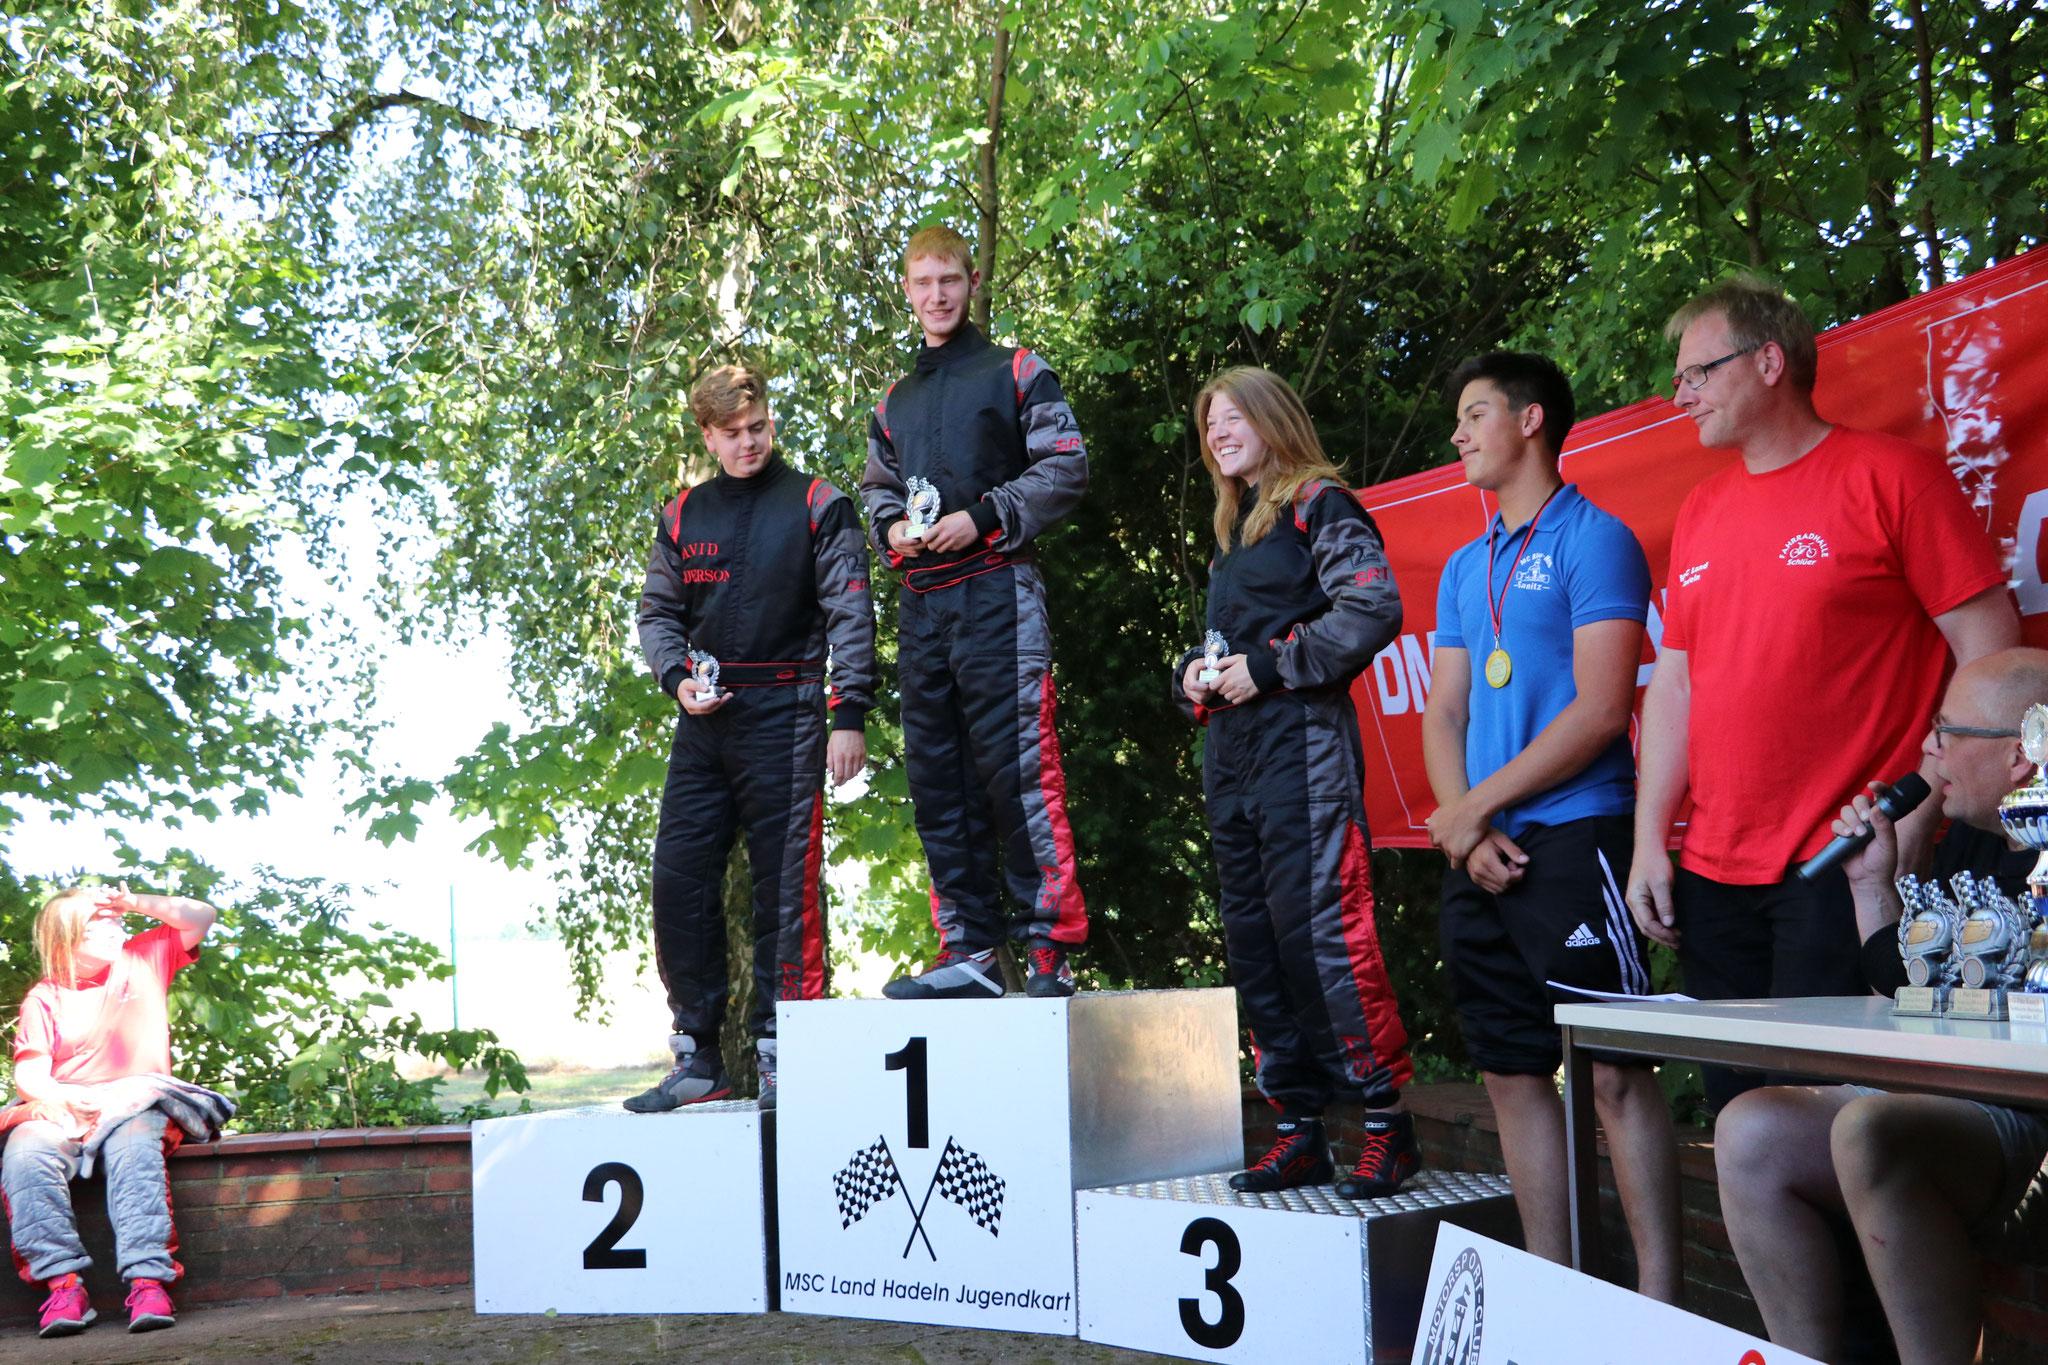 Einen weiteren dreifachen Sieg gab es in der Klasse 5. Gewonnen hat Tjark Schlüer, Zweiter wurde David Anderson und auf den dritten Platz kam Janica Schlüer